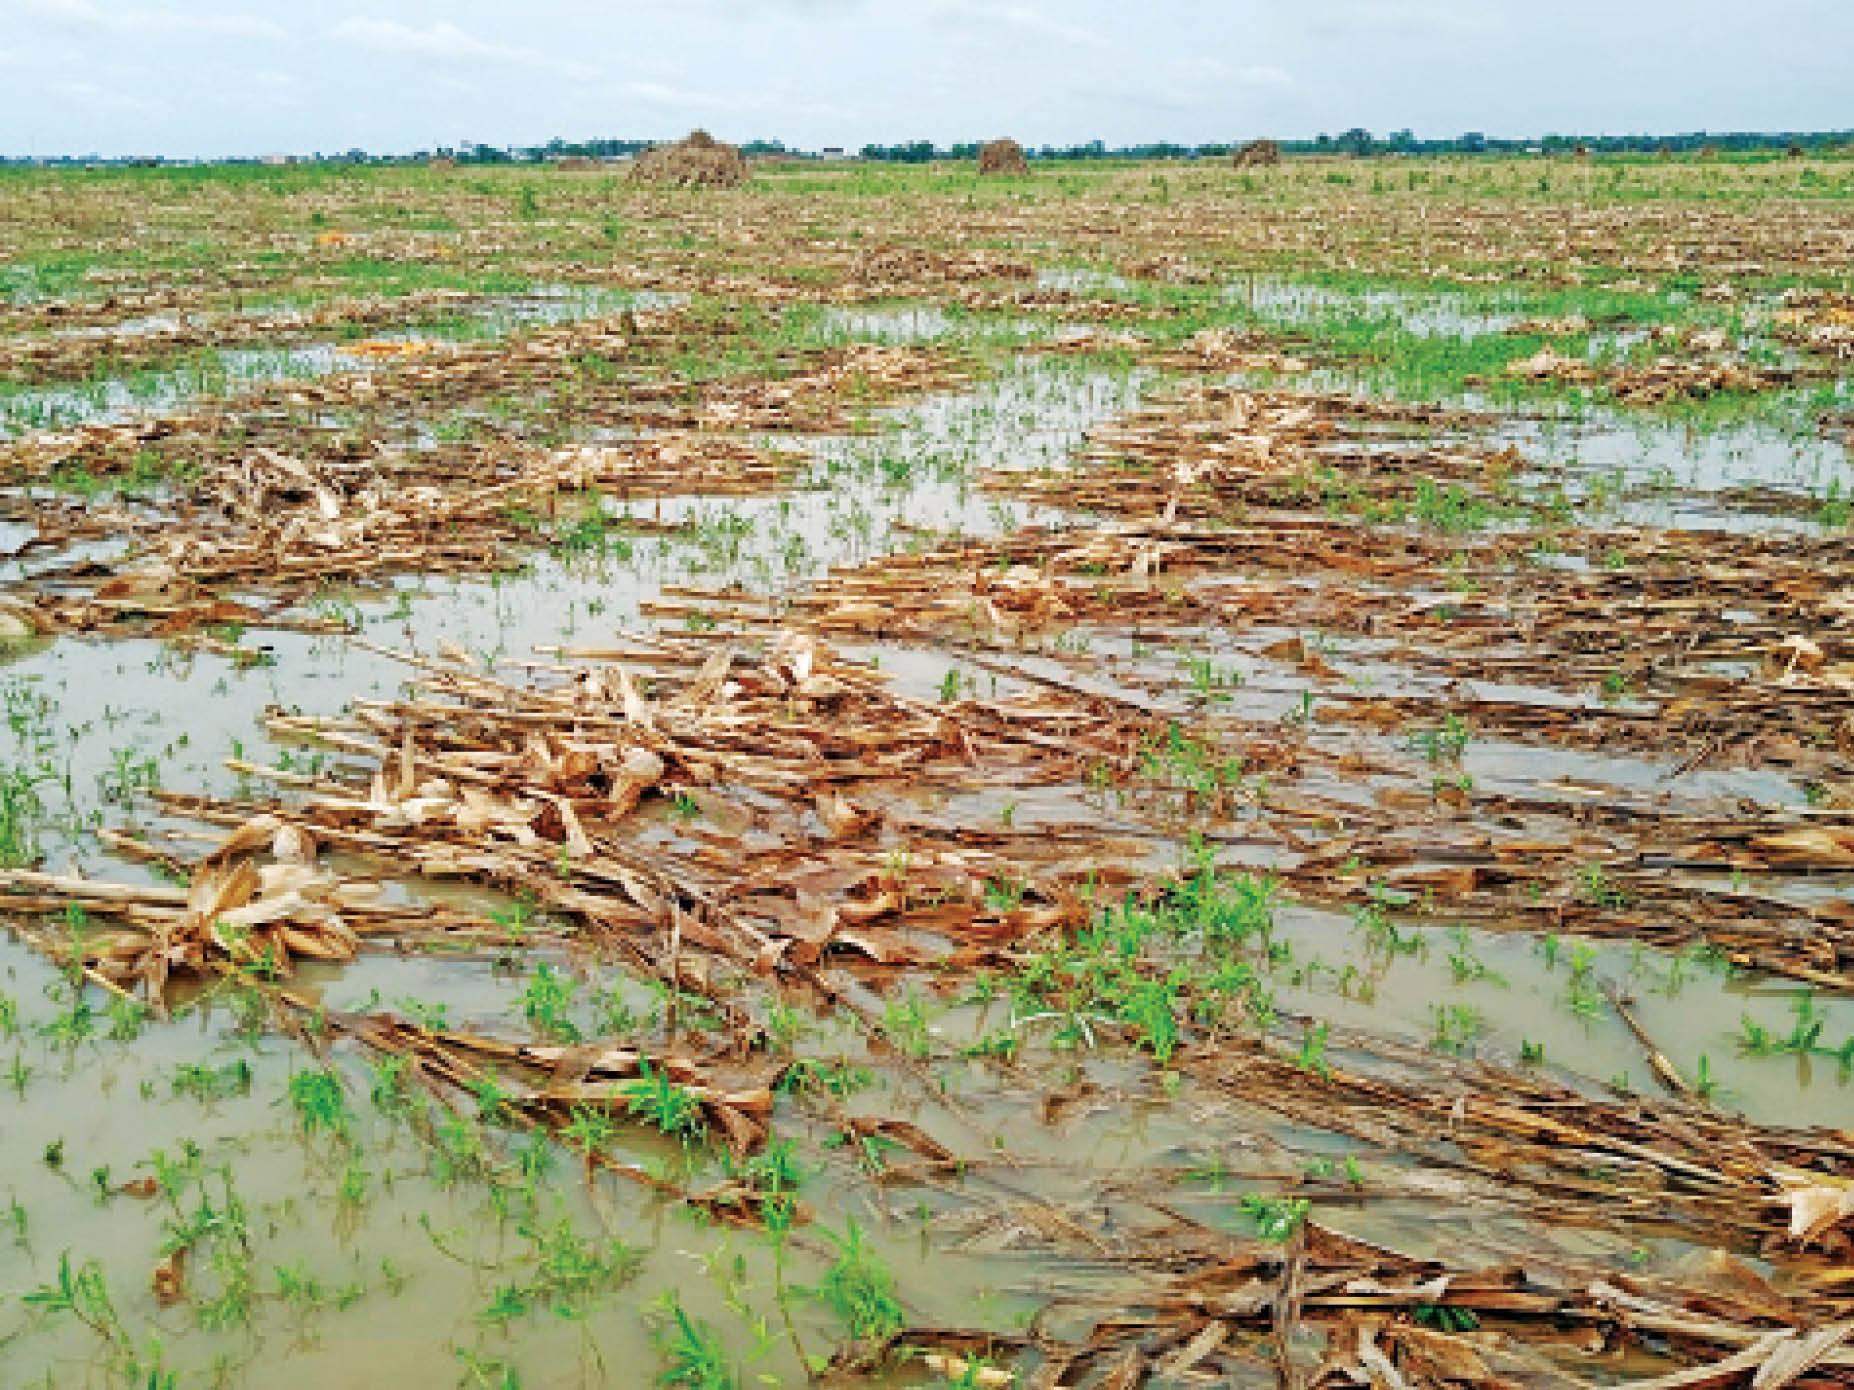 सहरसा में यास तूफान के दौरान हुई बारिश में मक्के की फसल डूबकर नष्ट हो गई। - Dainik Bhaskar